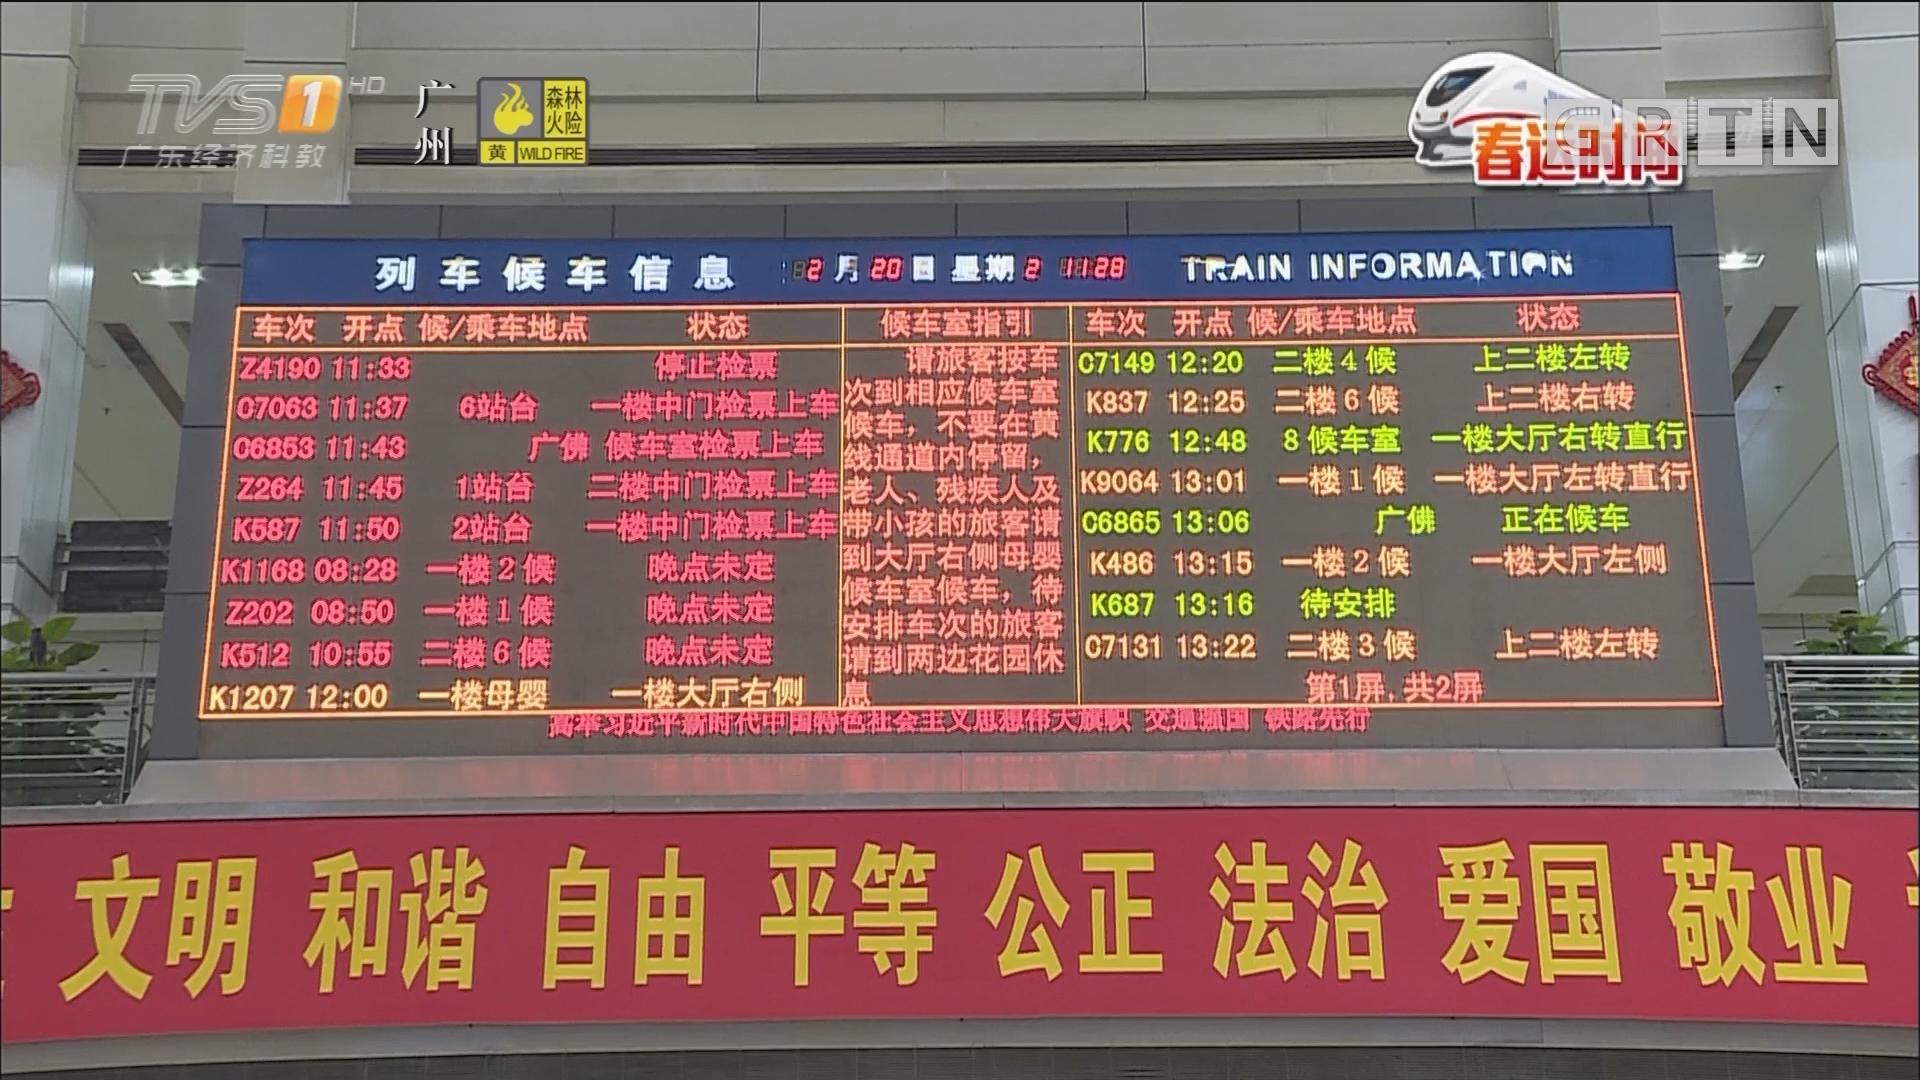 明后两天 铁路将迎来返粤高峰